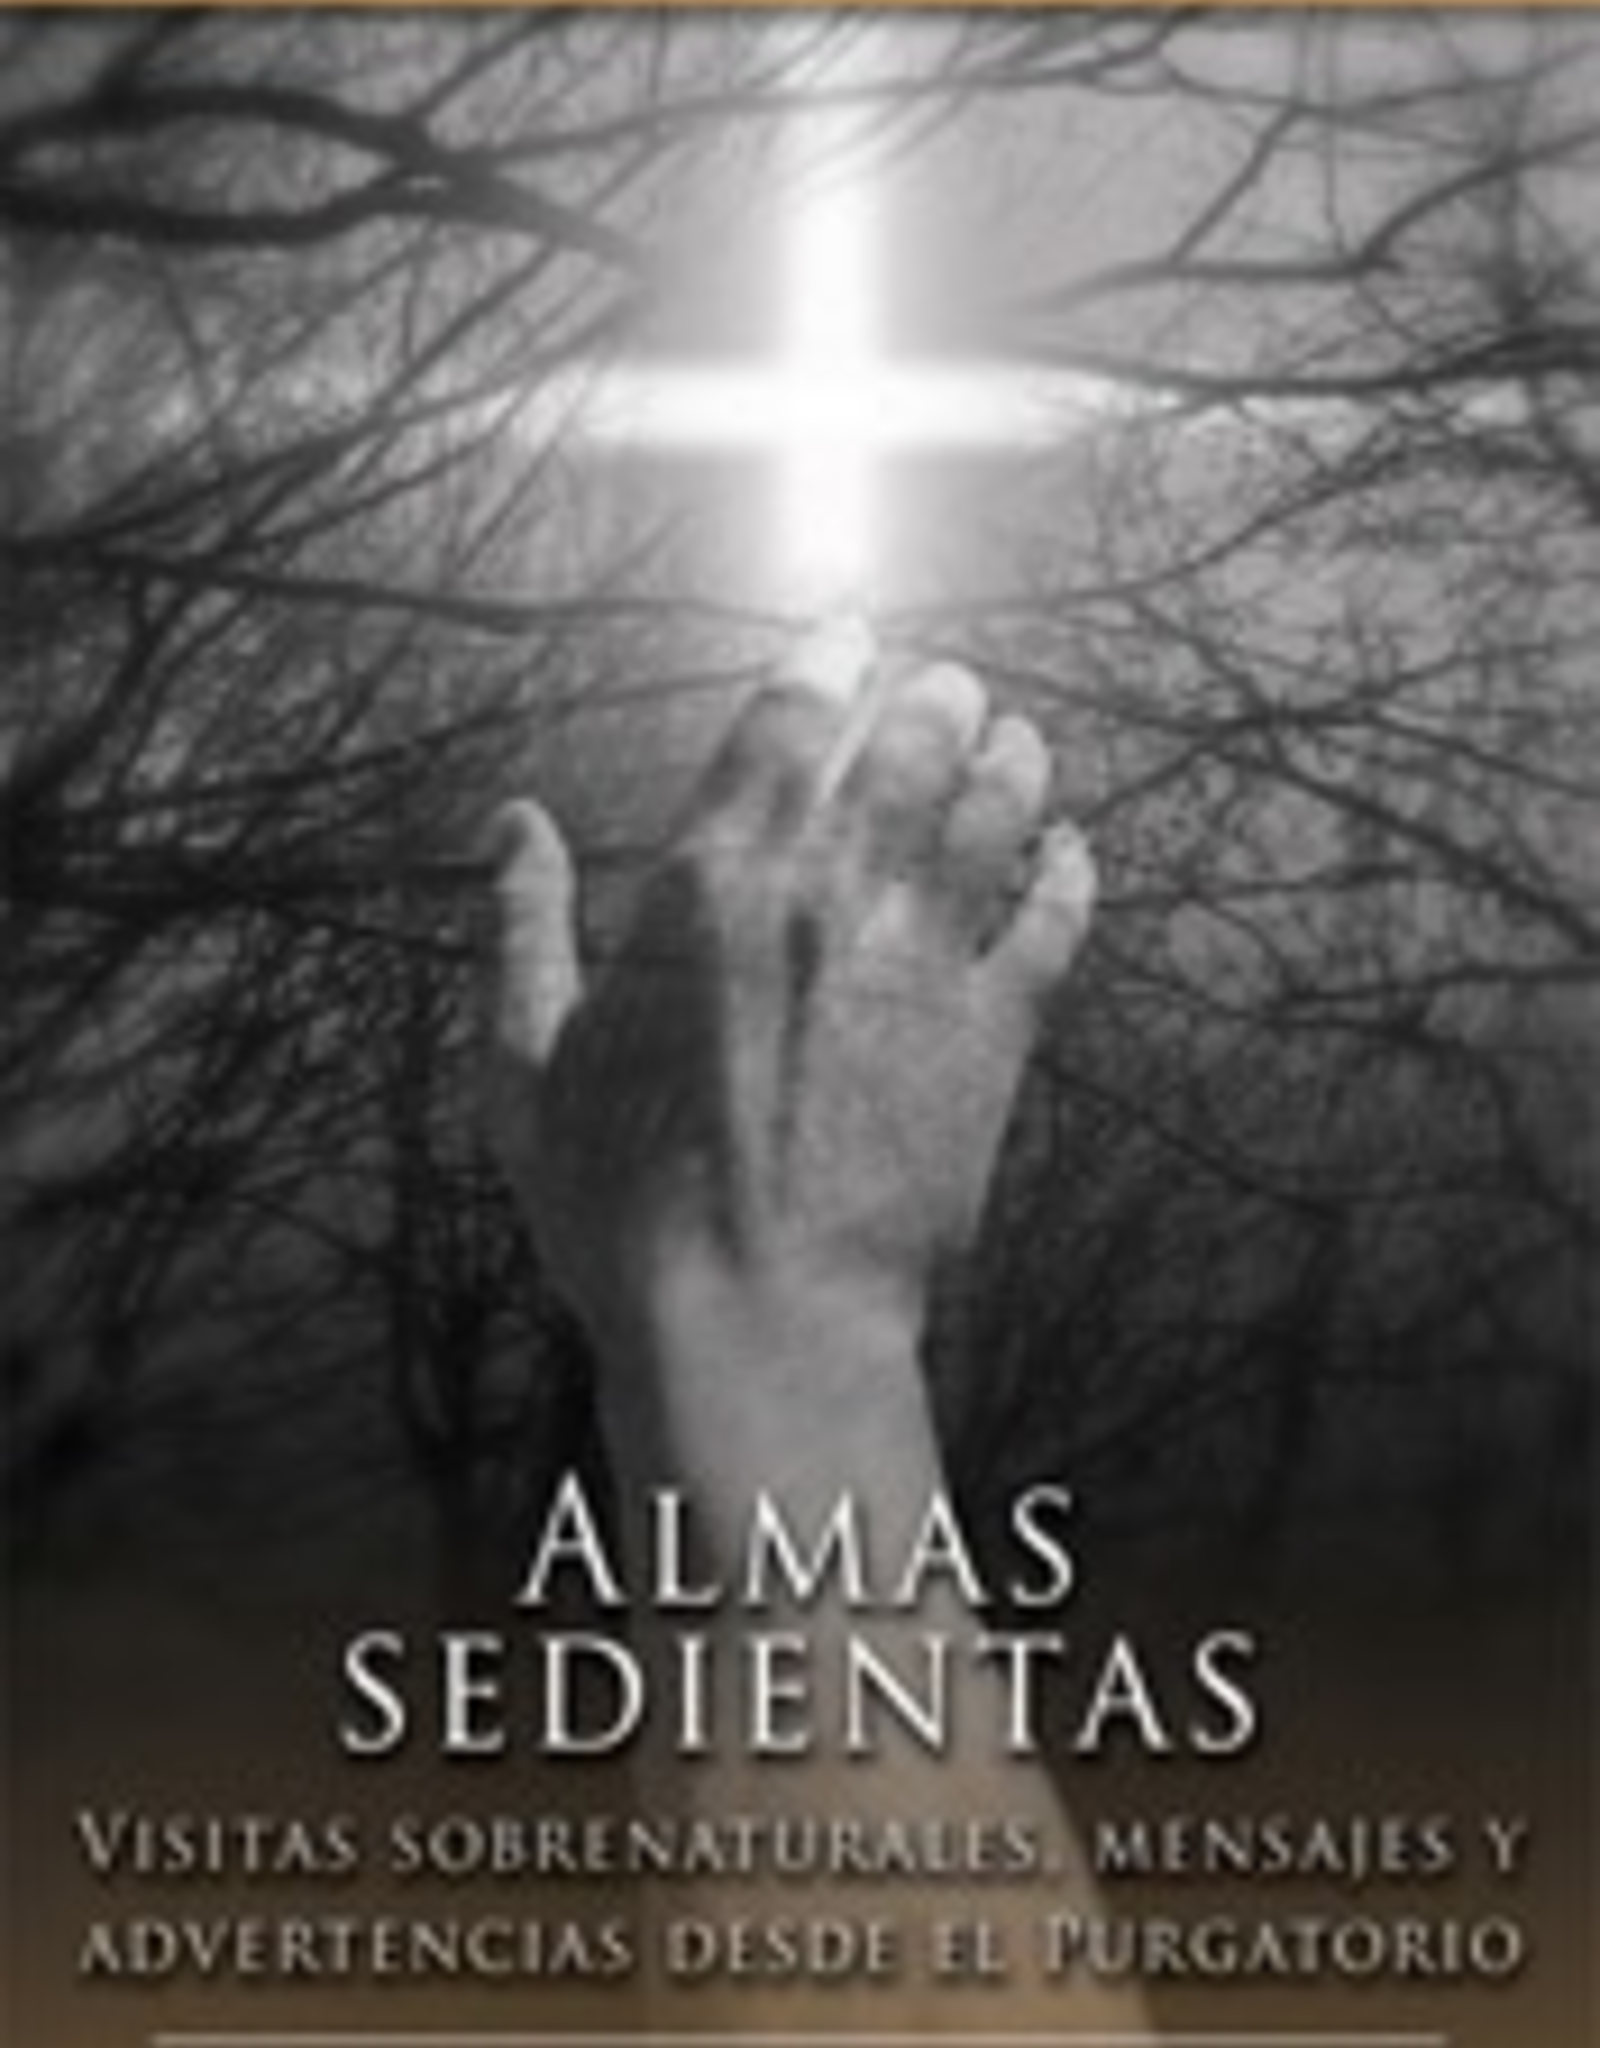 Tan Books Almas sedientas:  Vistas sobrenaturales, mensajes y advertencias desde el purgatorio, Gerard J.M. van den Aardweg